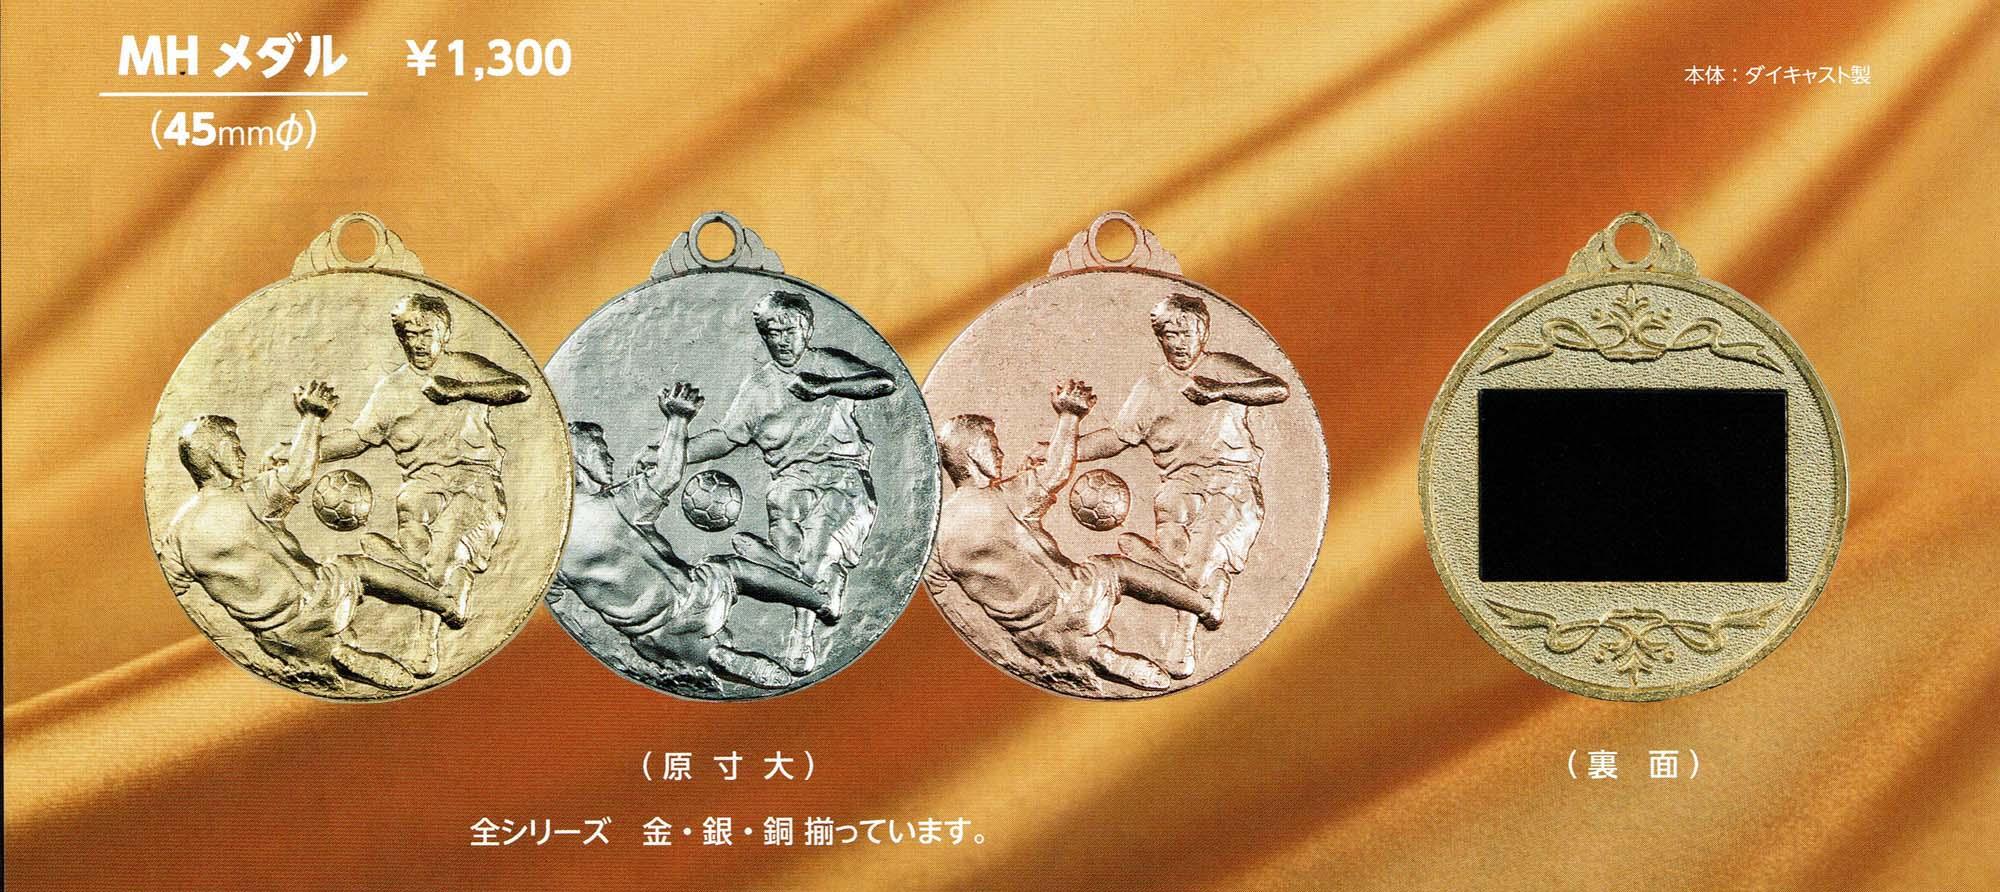 MHメダル